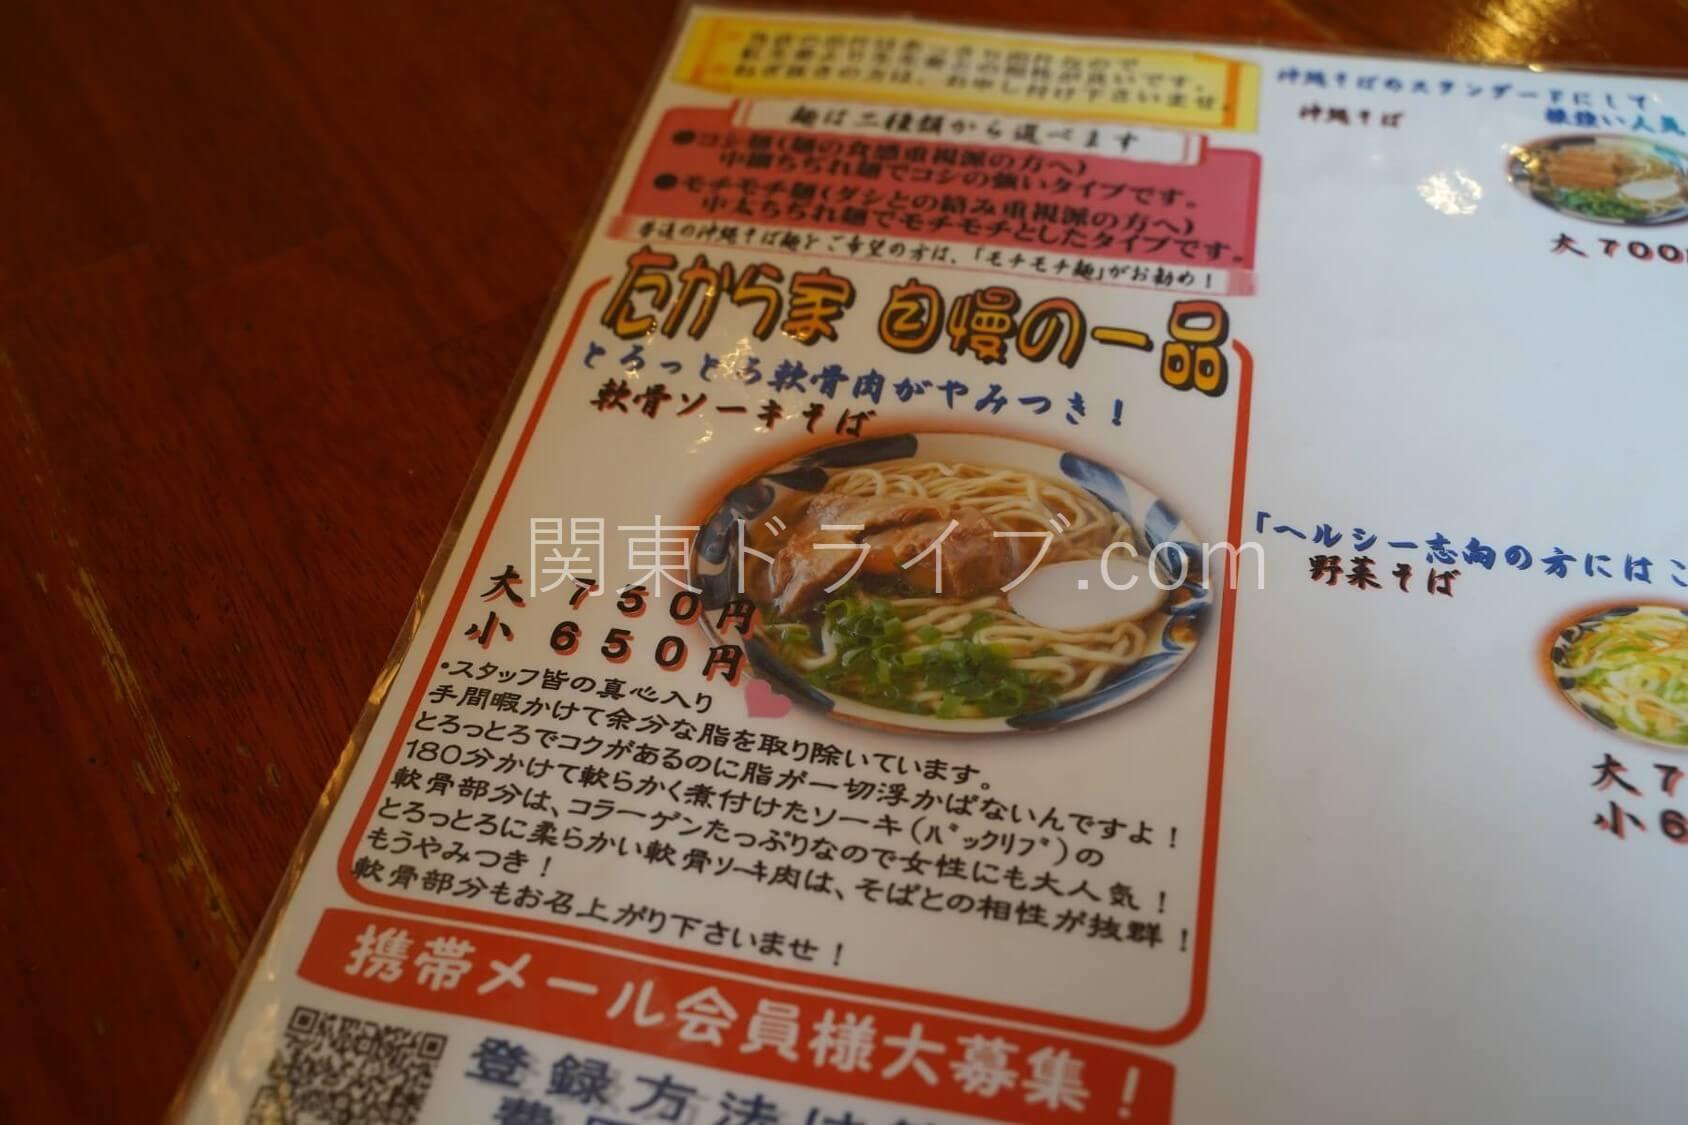 沖縄そば「たから家」のメニュー1